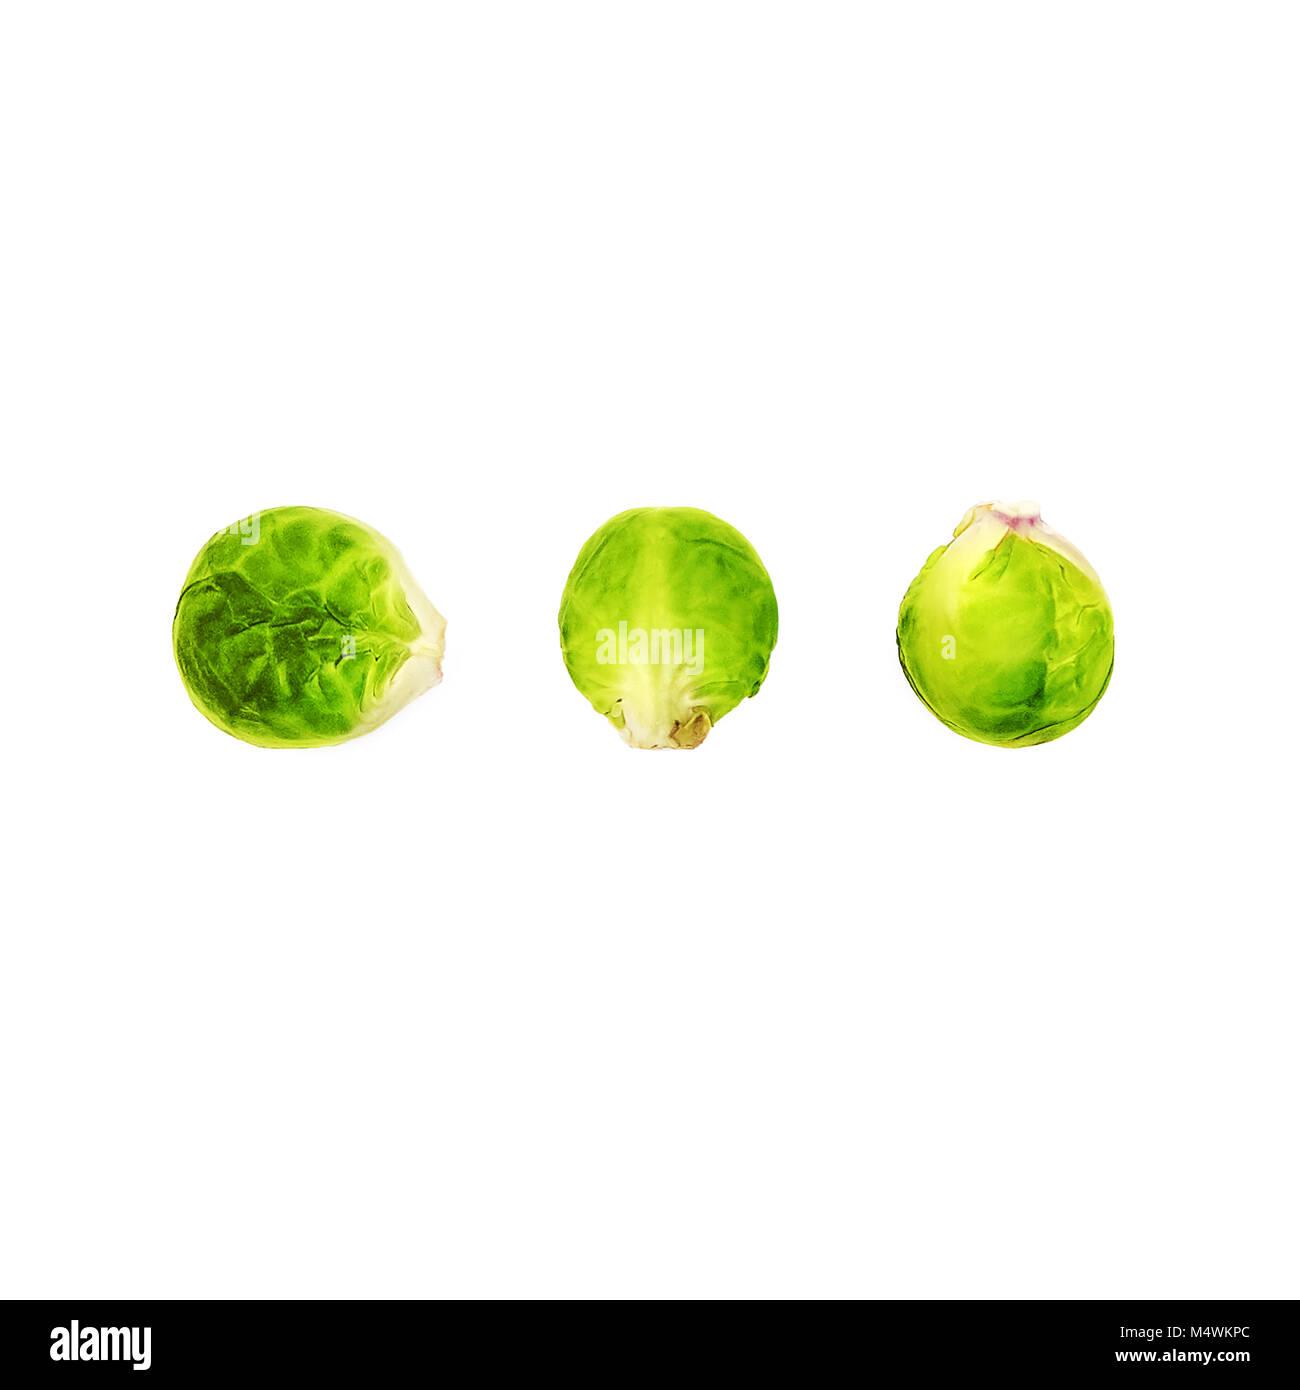 Las coles de bruselas vista superior tres frutas de coles de Bruselas están acostados en una fila sobre un Imagen De Stock